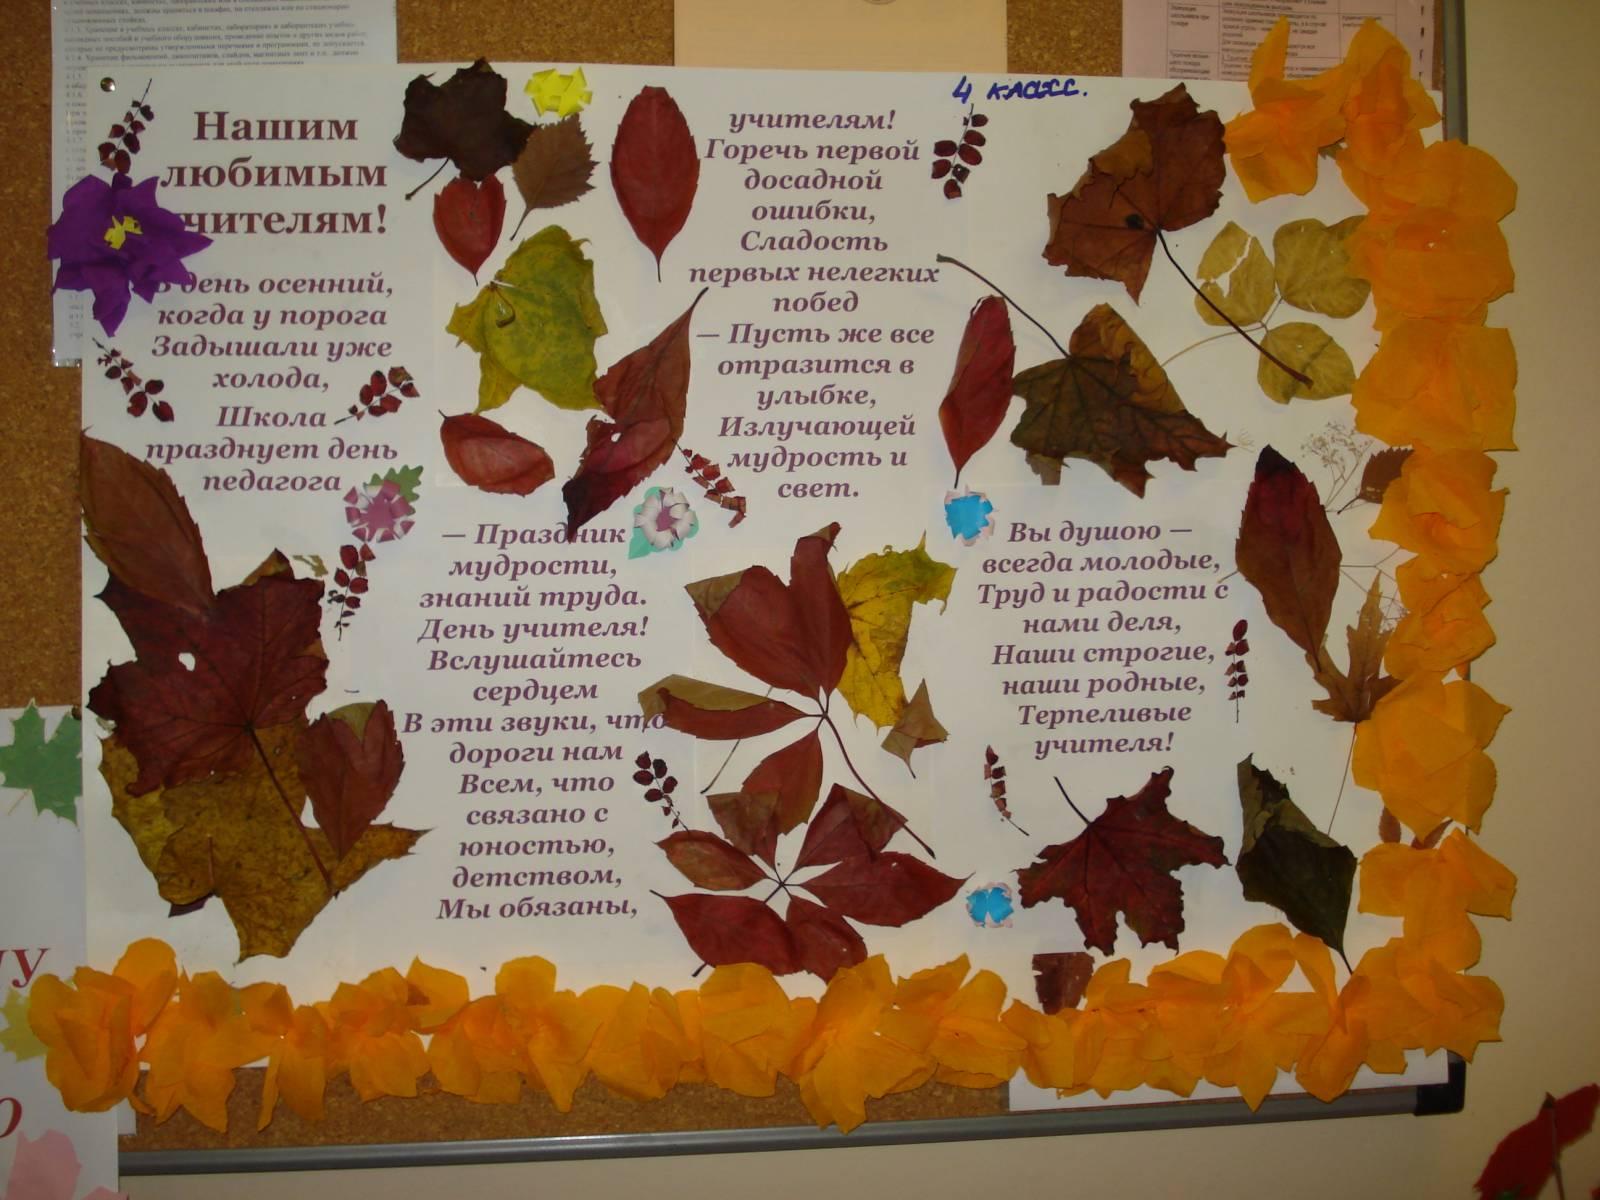 Стенгазета на День учителя